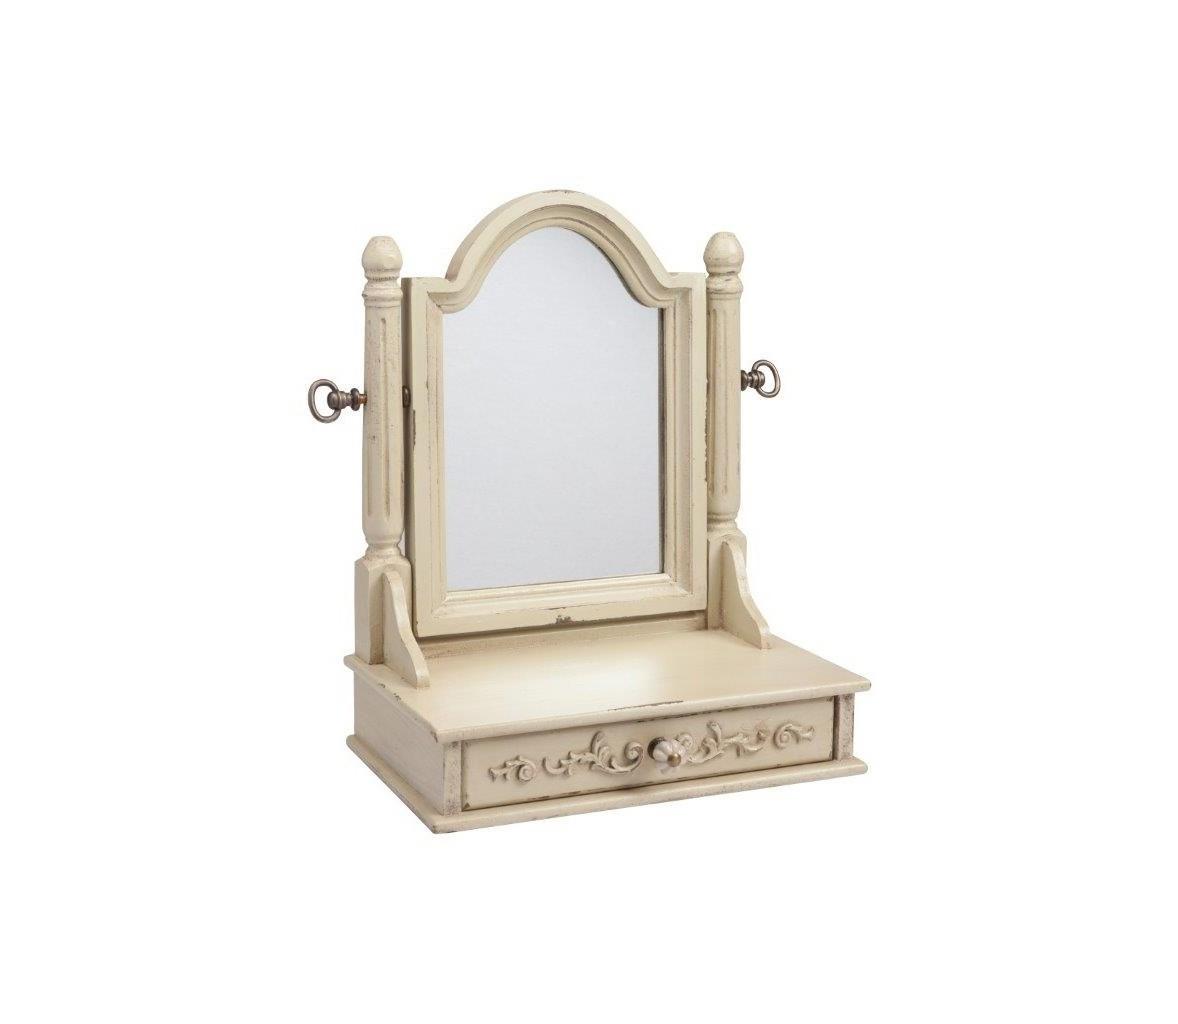 Зеркало настольное VanessaНастенные зеркала<br>Настольное зеркало Vanessa Beige прямоугольной формы с арочным верхом вмонтировано в деревянную оправу (ель) бежевого, слегка состаренного, цвета, внизу расположены удобные ящички. Этот удобный аксессуар для современной спальни с легкими потертостями под старину прекрасно разместится на вашем туалетном столике. Крепление на металлических шарнирах позволяет устанавливать его под любым удобным углом. Это высокого качества зеркало просто оживит ваш будуар!<br><br>Material: Дерево<br>Width см: 38<br>Depth см: 21<br>Height см: 74